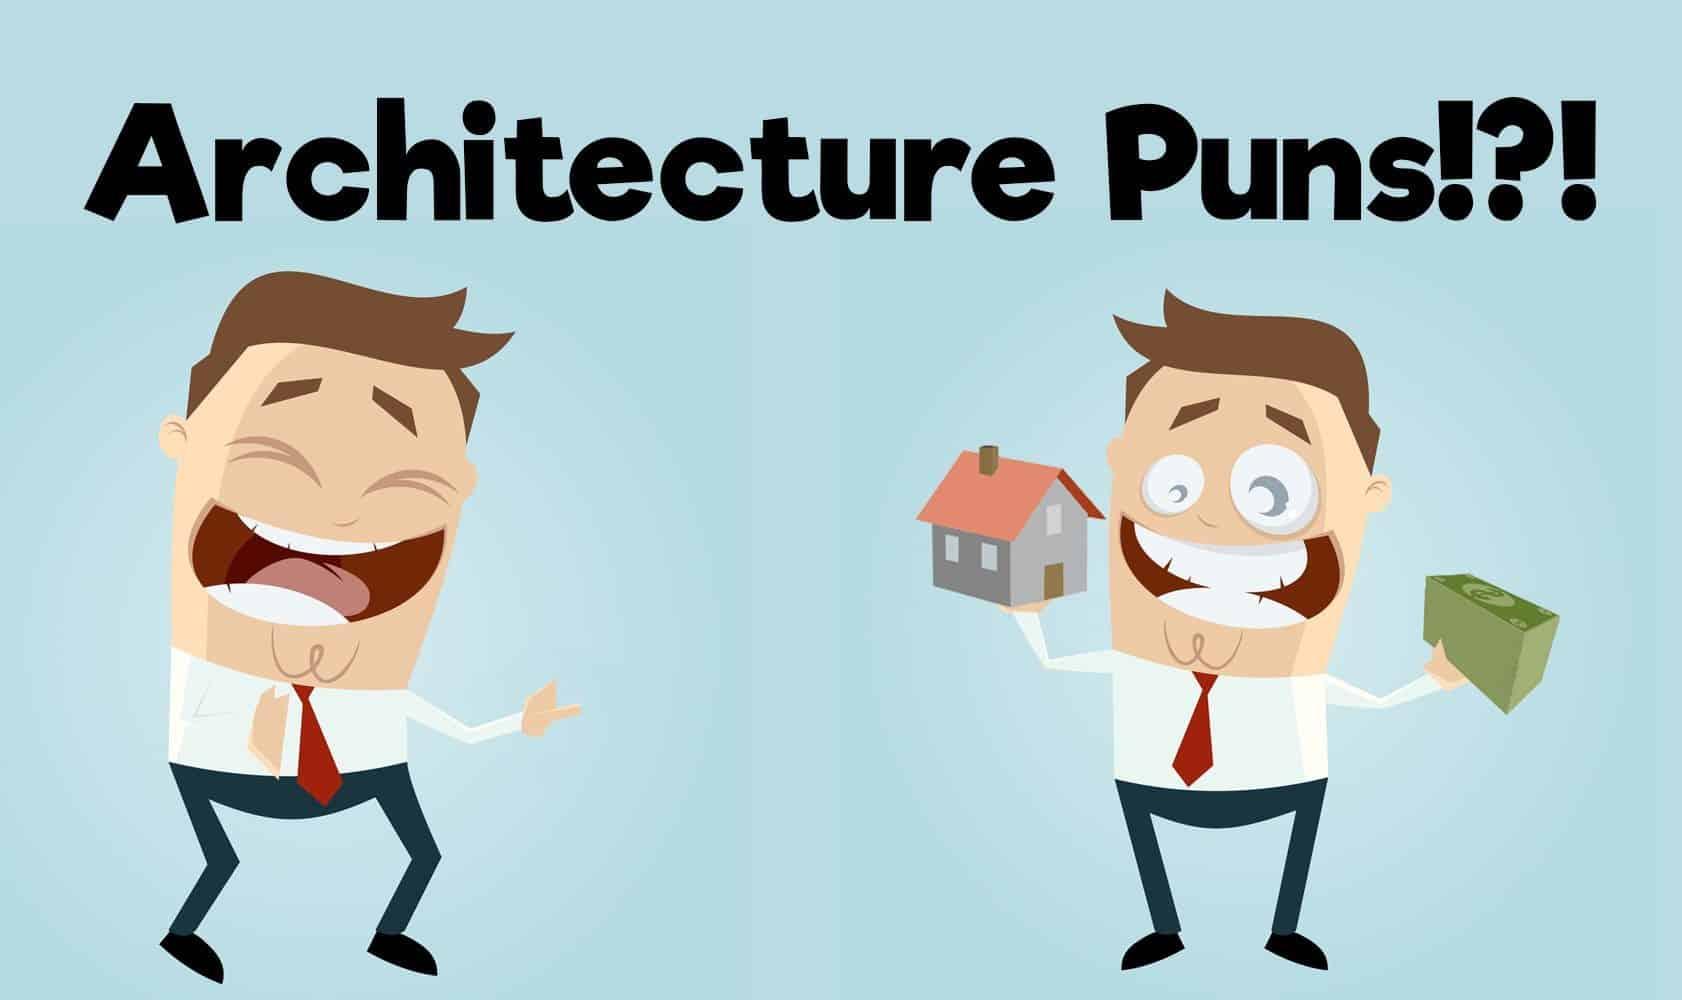 Architecture-Puns